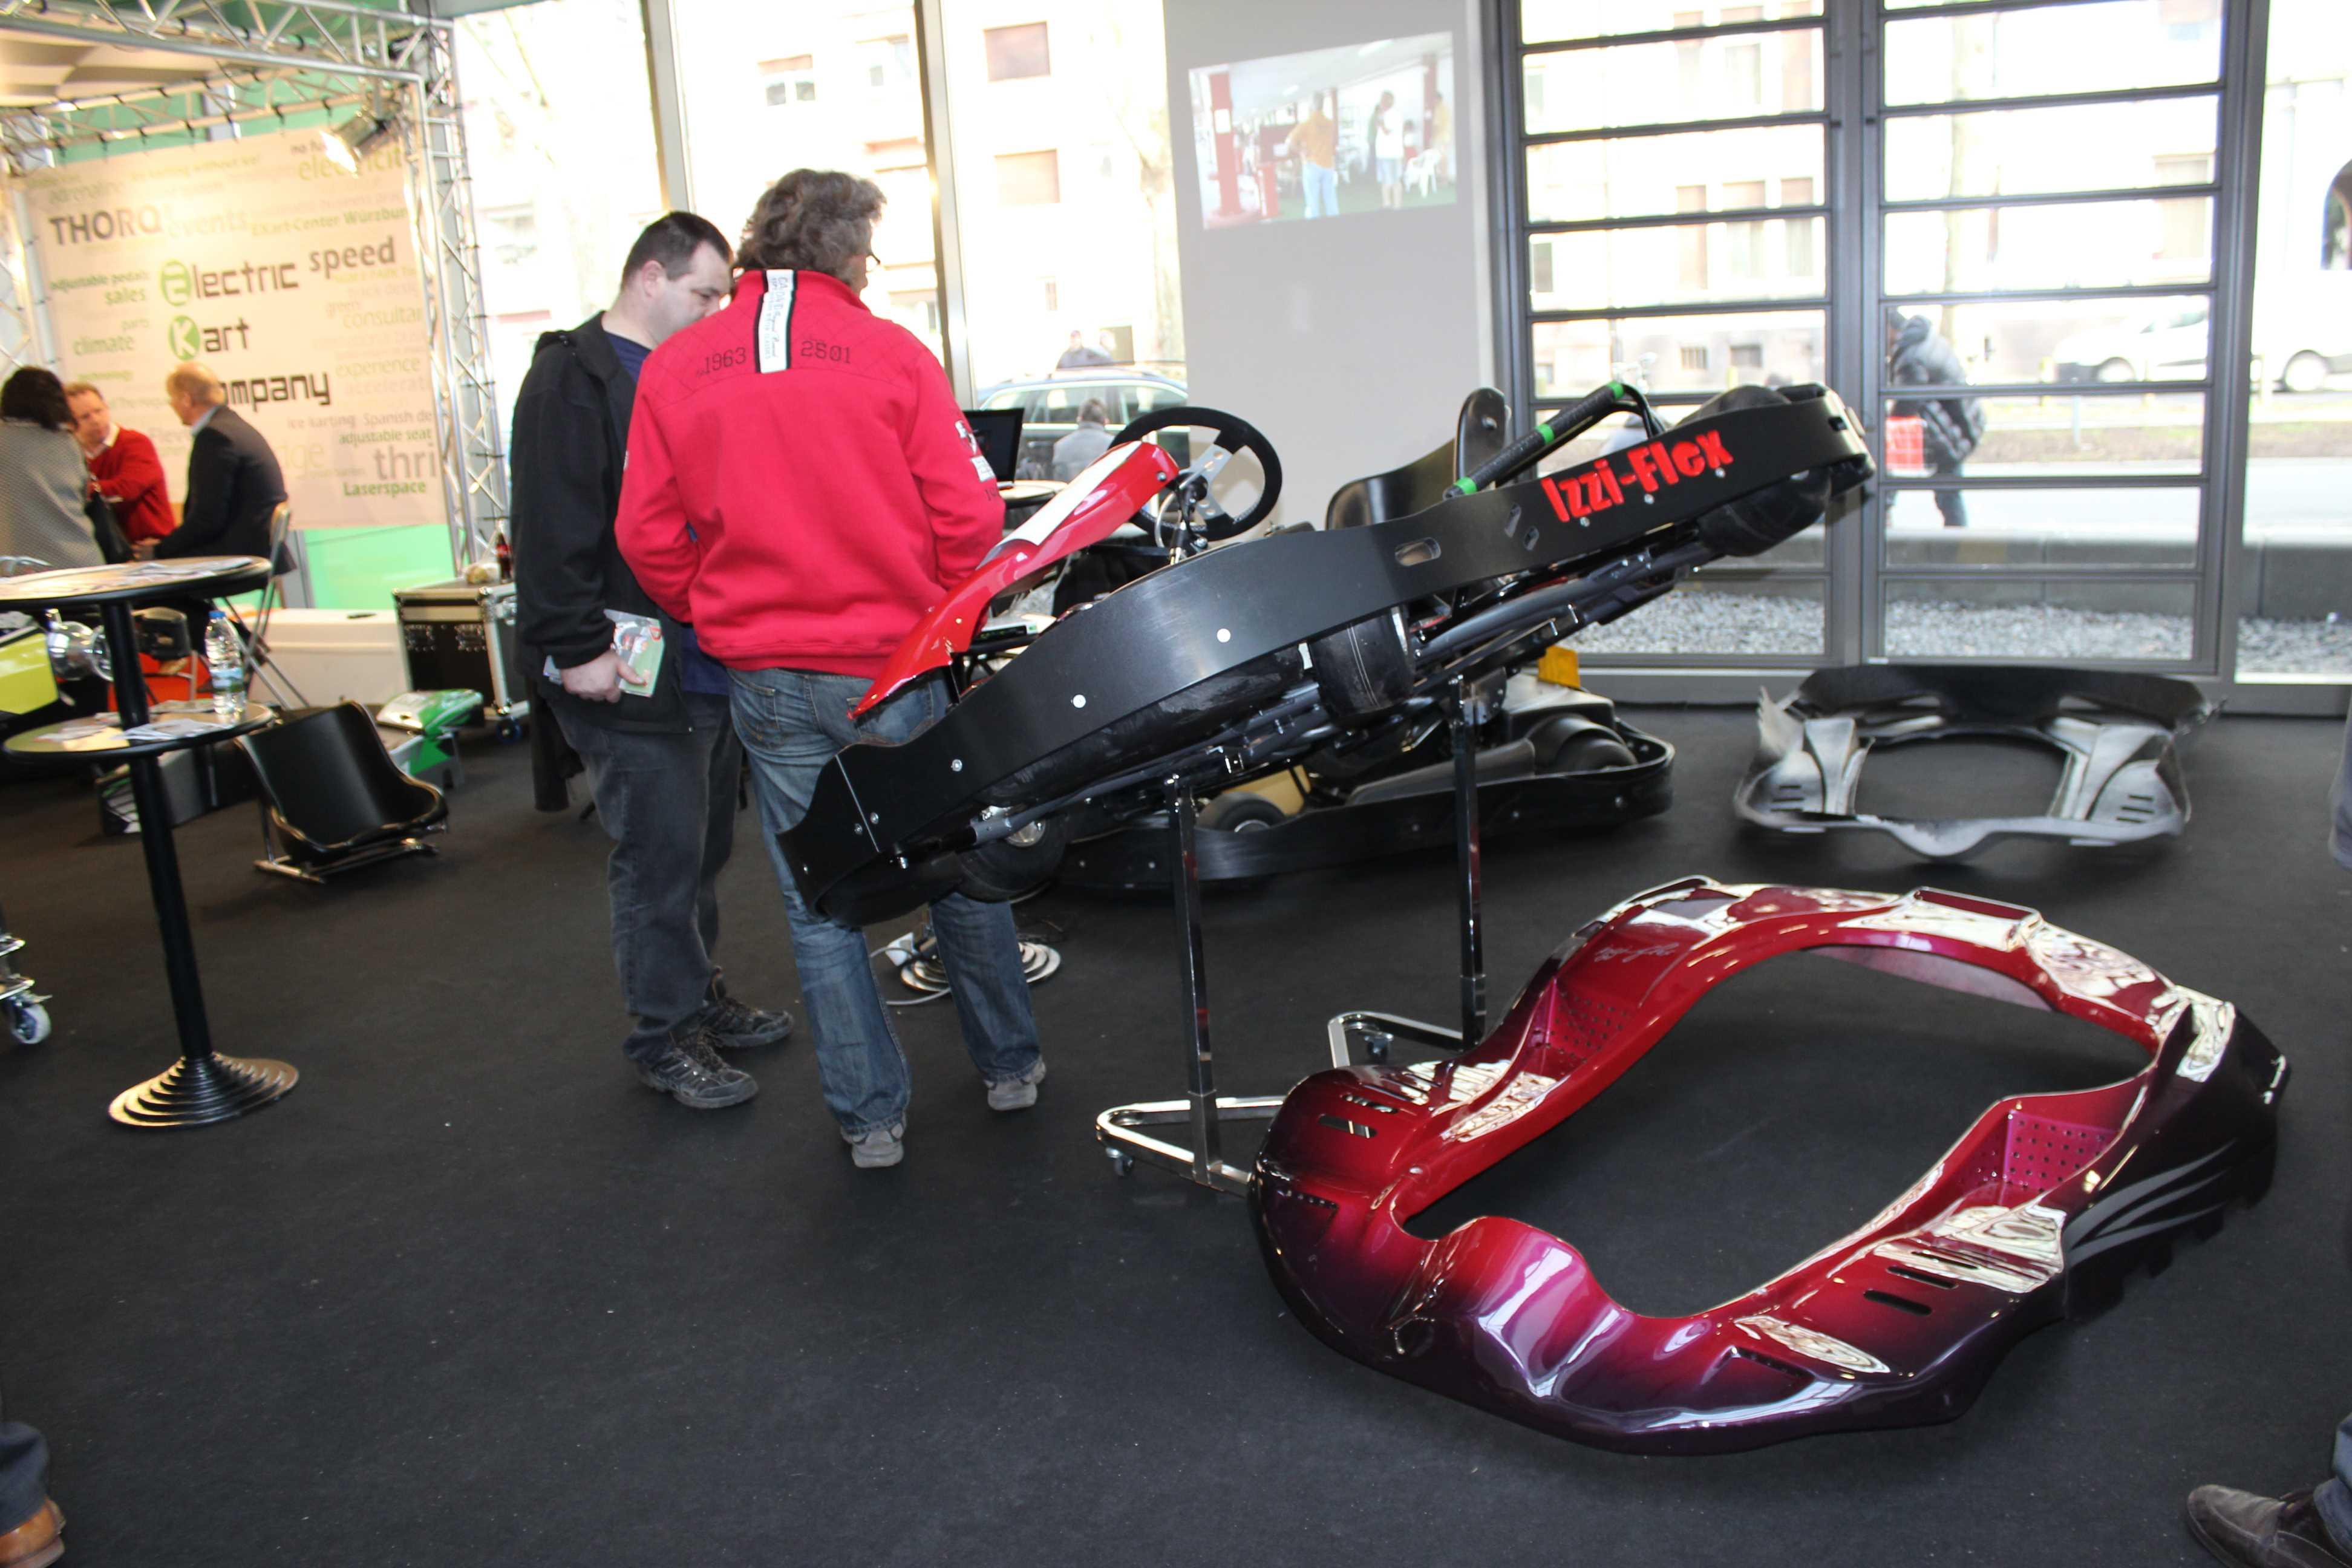 IZZI-FLEX Apresentação na Feira Internacional do Karting Alemanha16